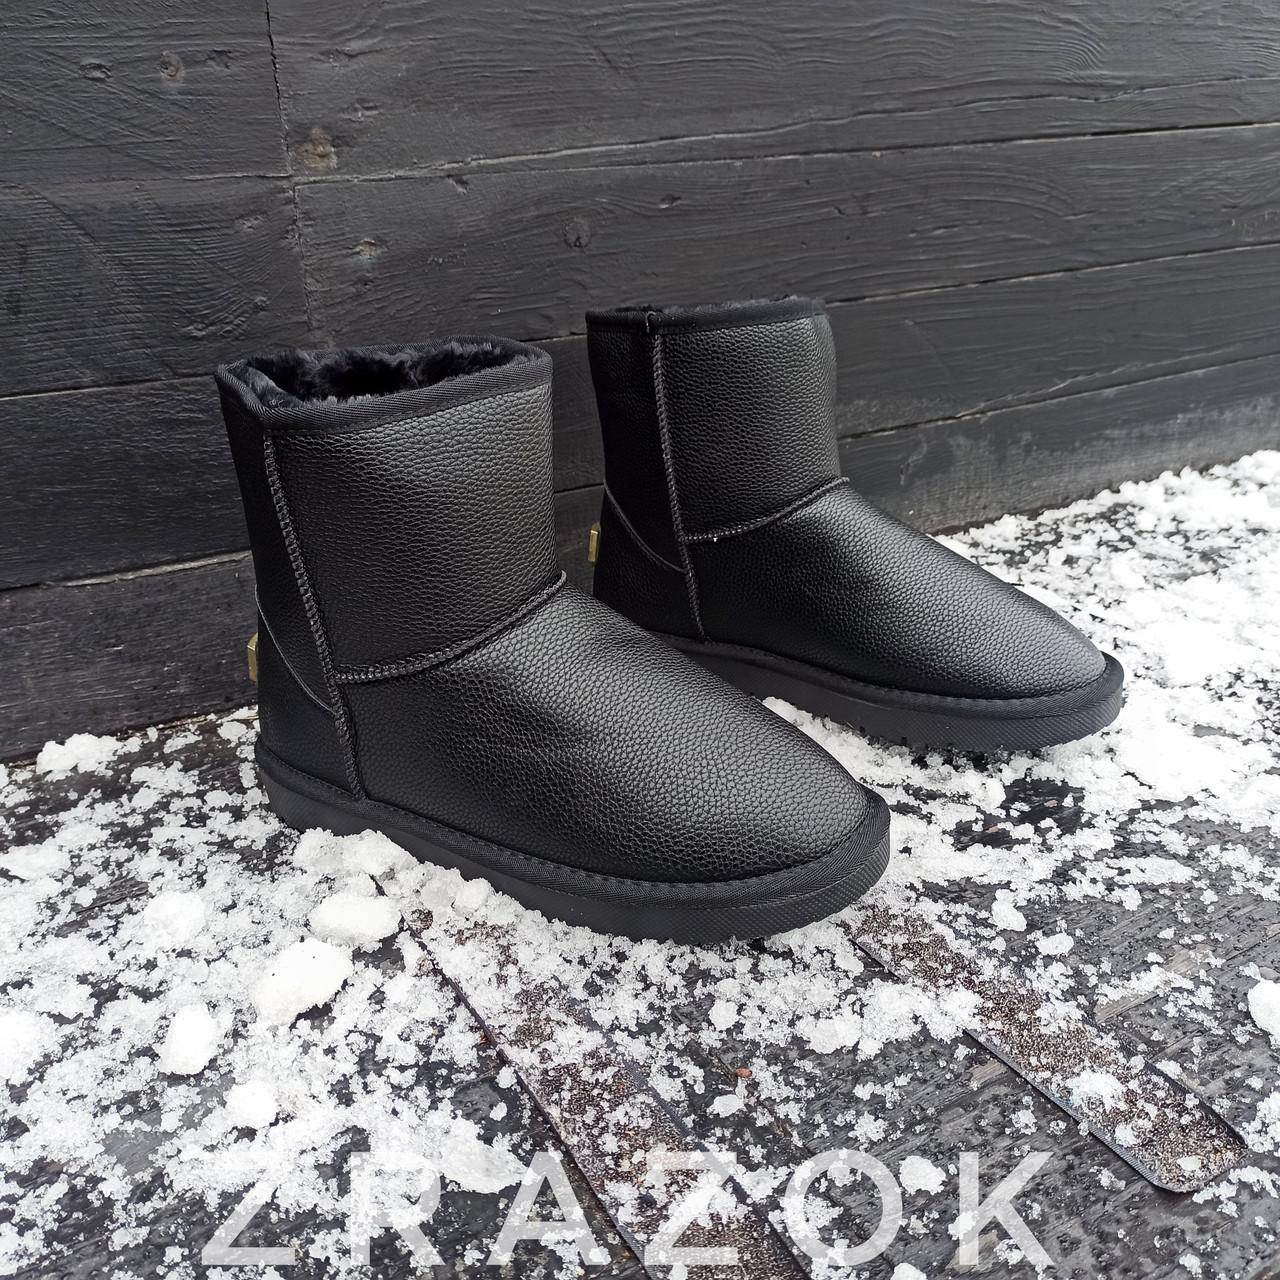 Кожаные угги UGG мужские черные высокие эко кожа зимние ботинки валенки теплые